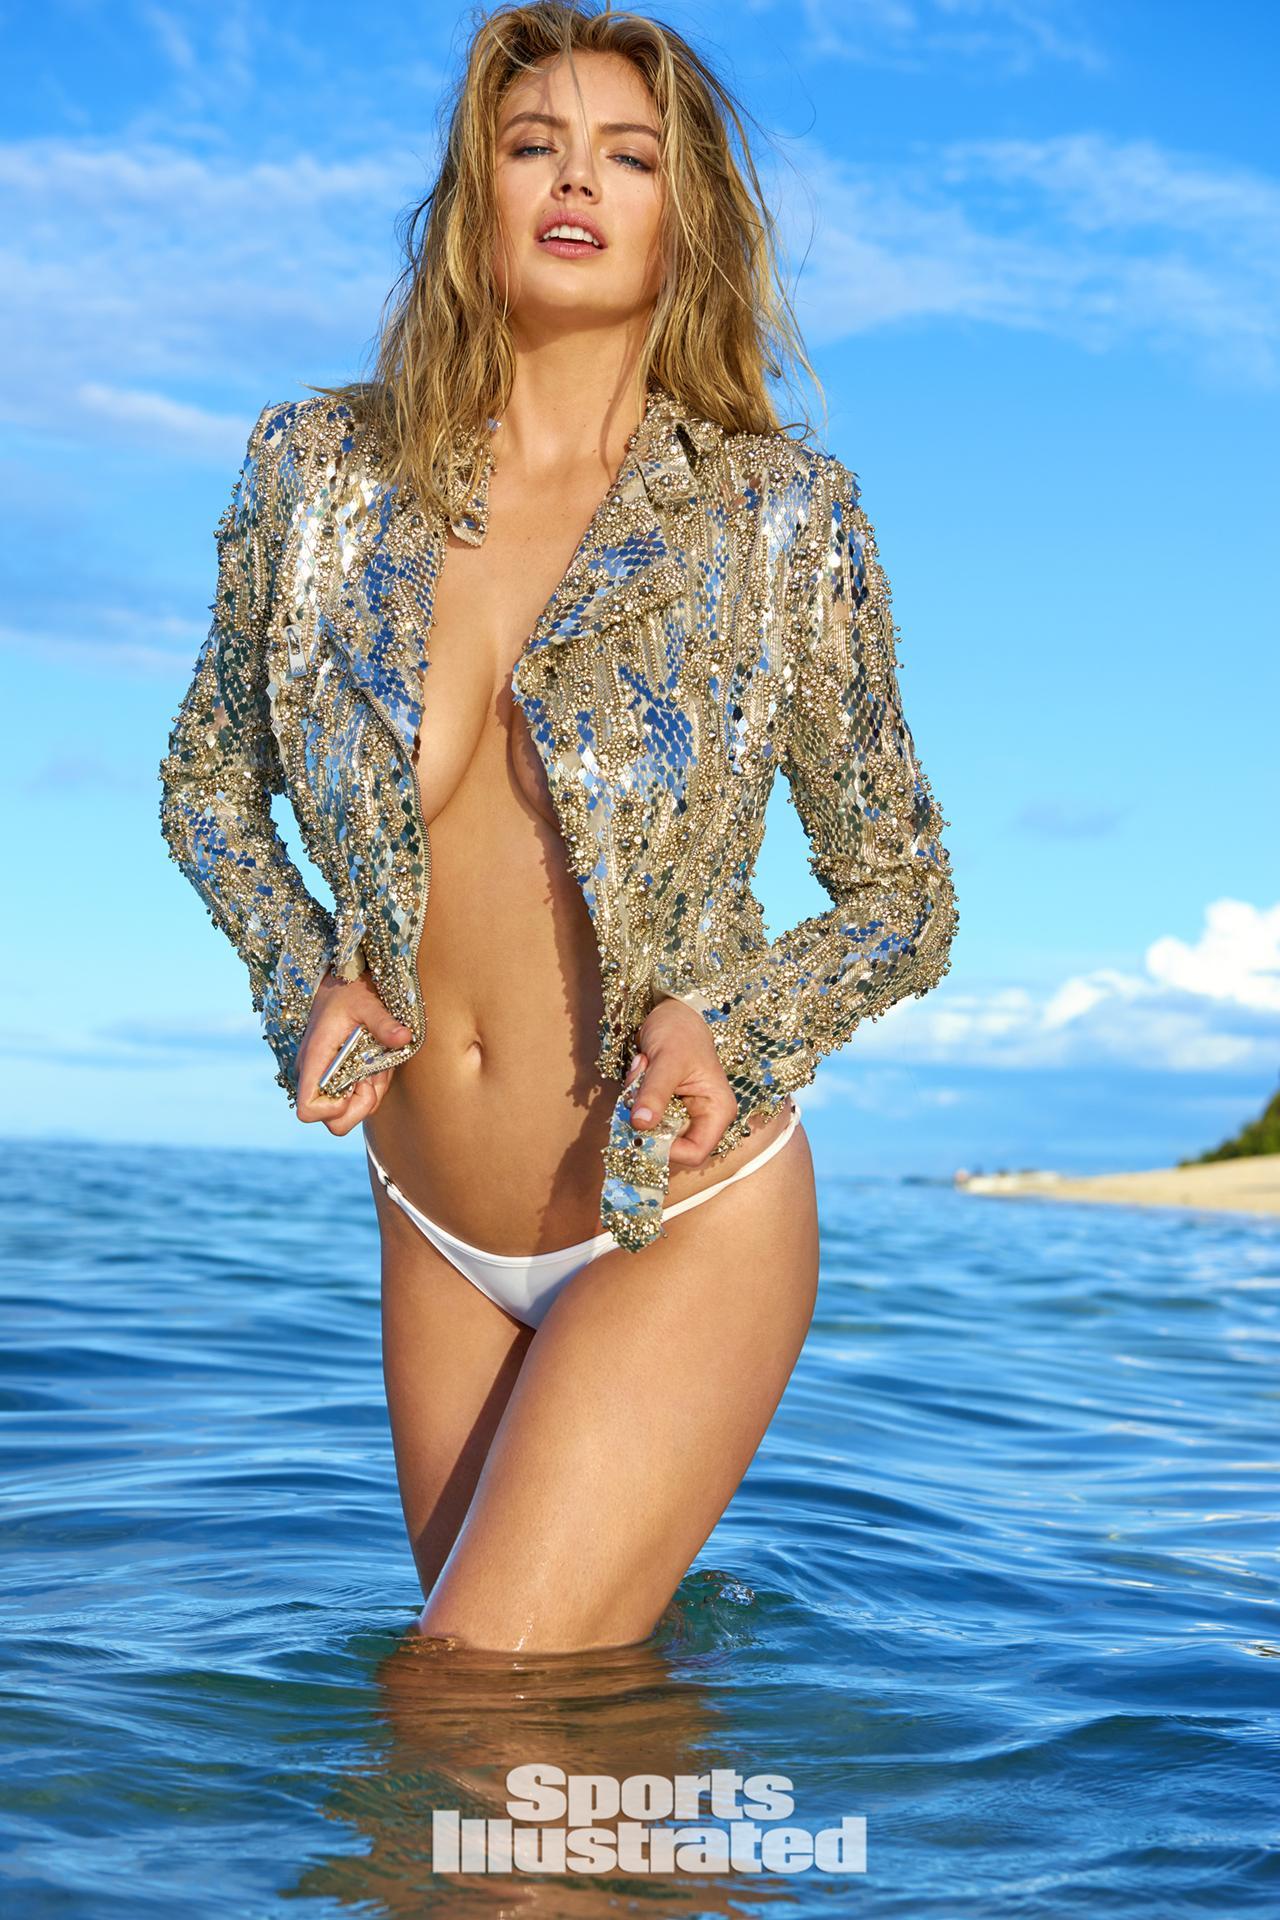 """Siêu mẫu áo tắm """"đắt nhất hành tinh"""" nóng bỏng trên đảo vắng - 1"""